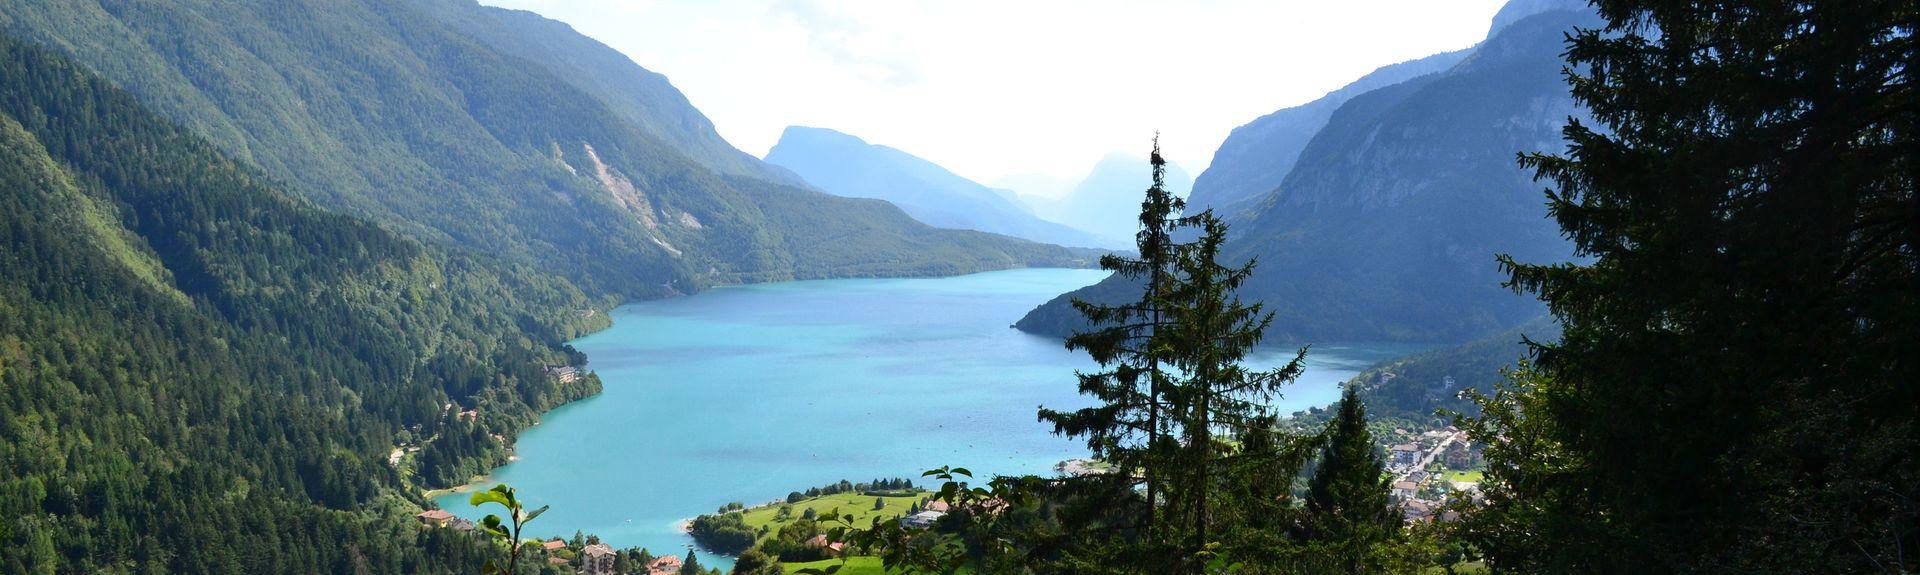 Seggiovia di Pradalago, Madonna di Campiglio, Trentino-Alto Adige, Itália